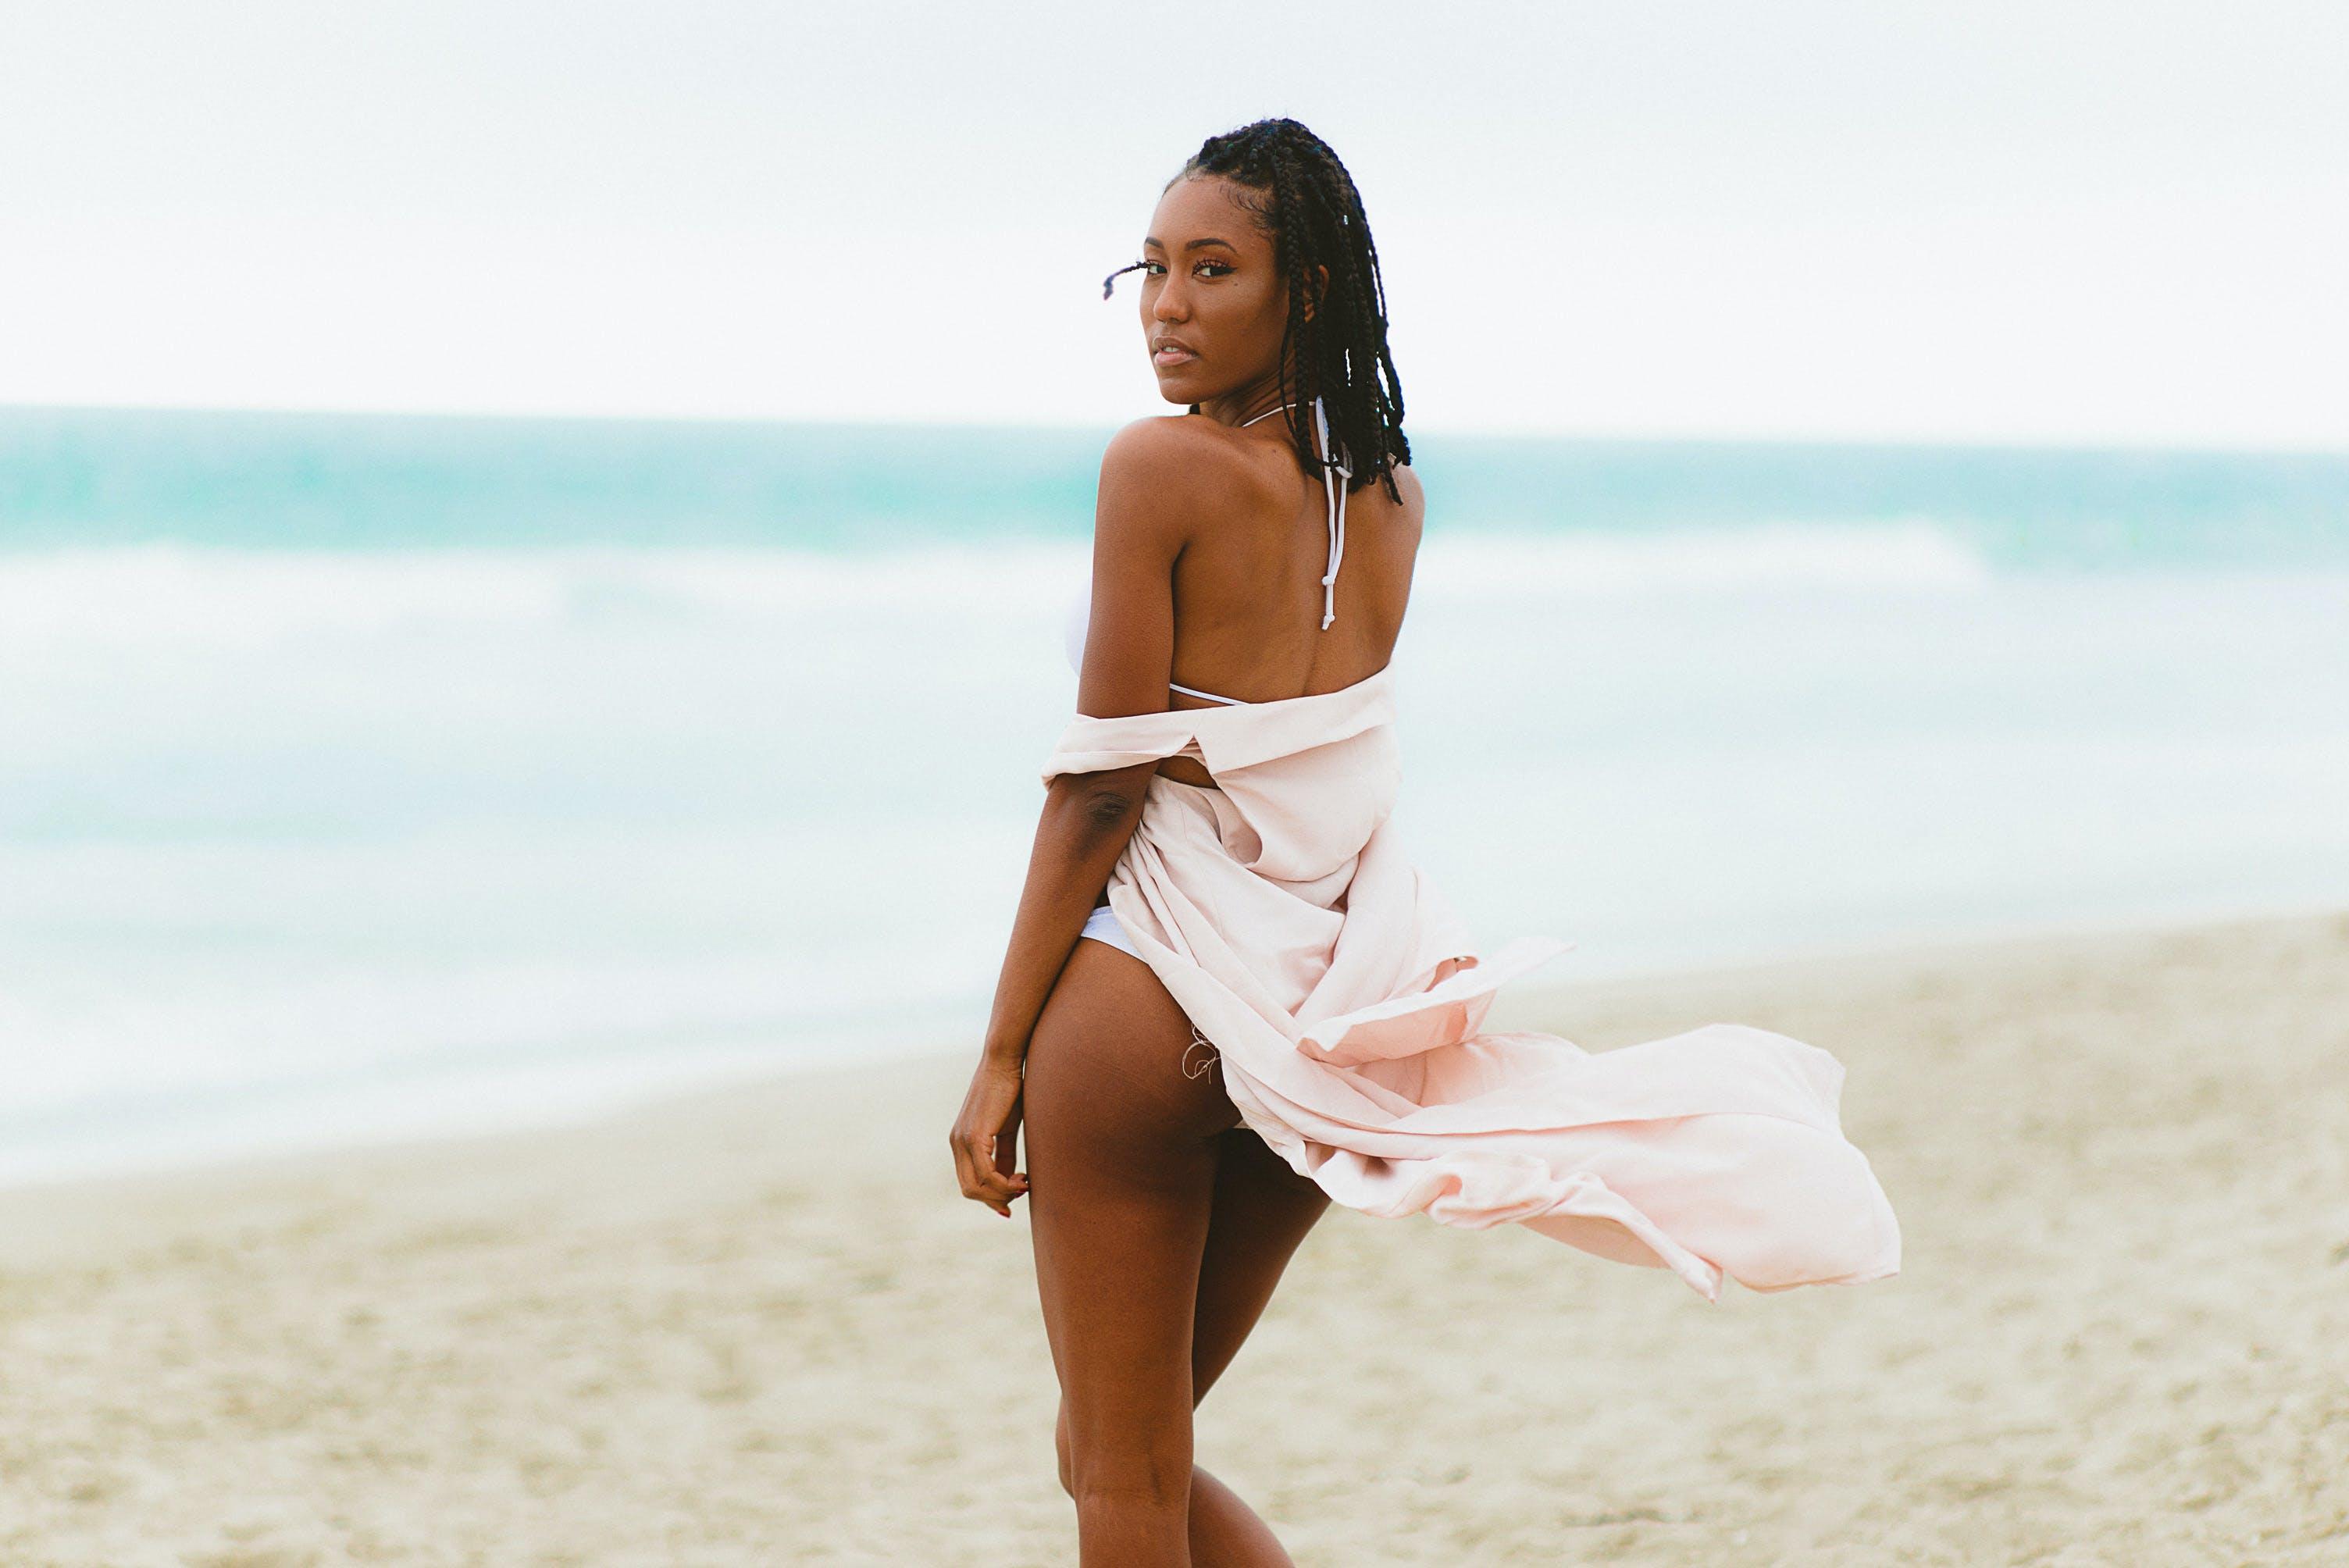 beach, bikini, black girl